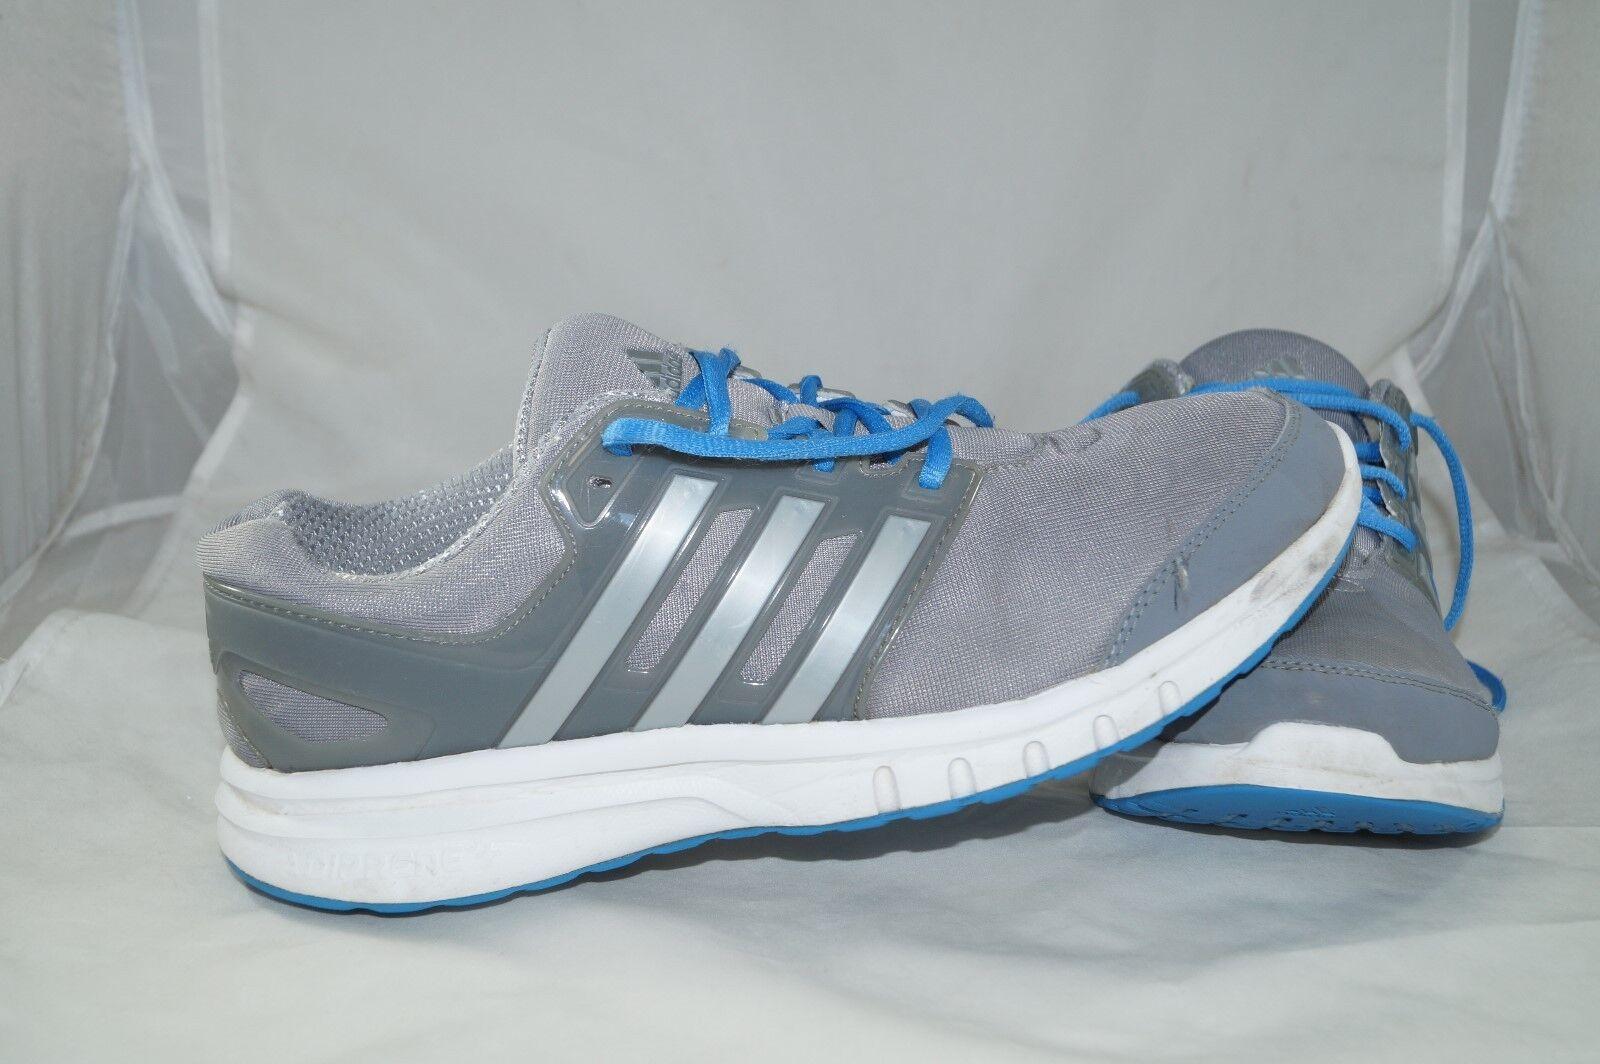 Bdidas Galaxy Elite 2 Gr: 42 2/3 Blau Running Jogging